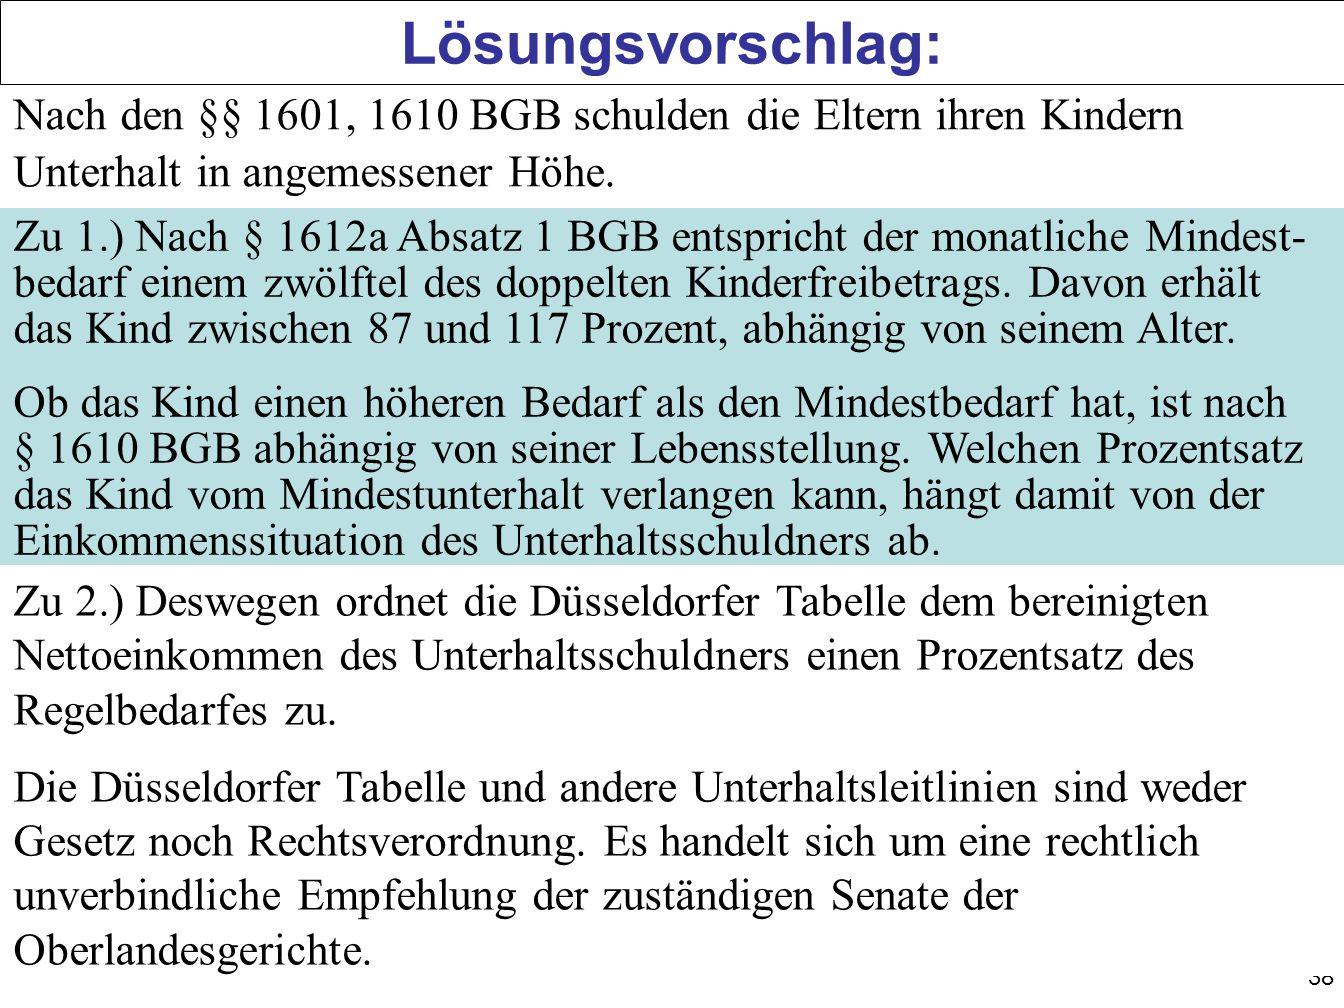 38 Lösungsvorschlag: Nach den §§ 1601, 1610 BGB schulden die Eltern ihren Kindern Unterhalt in angemessener Höhe.